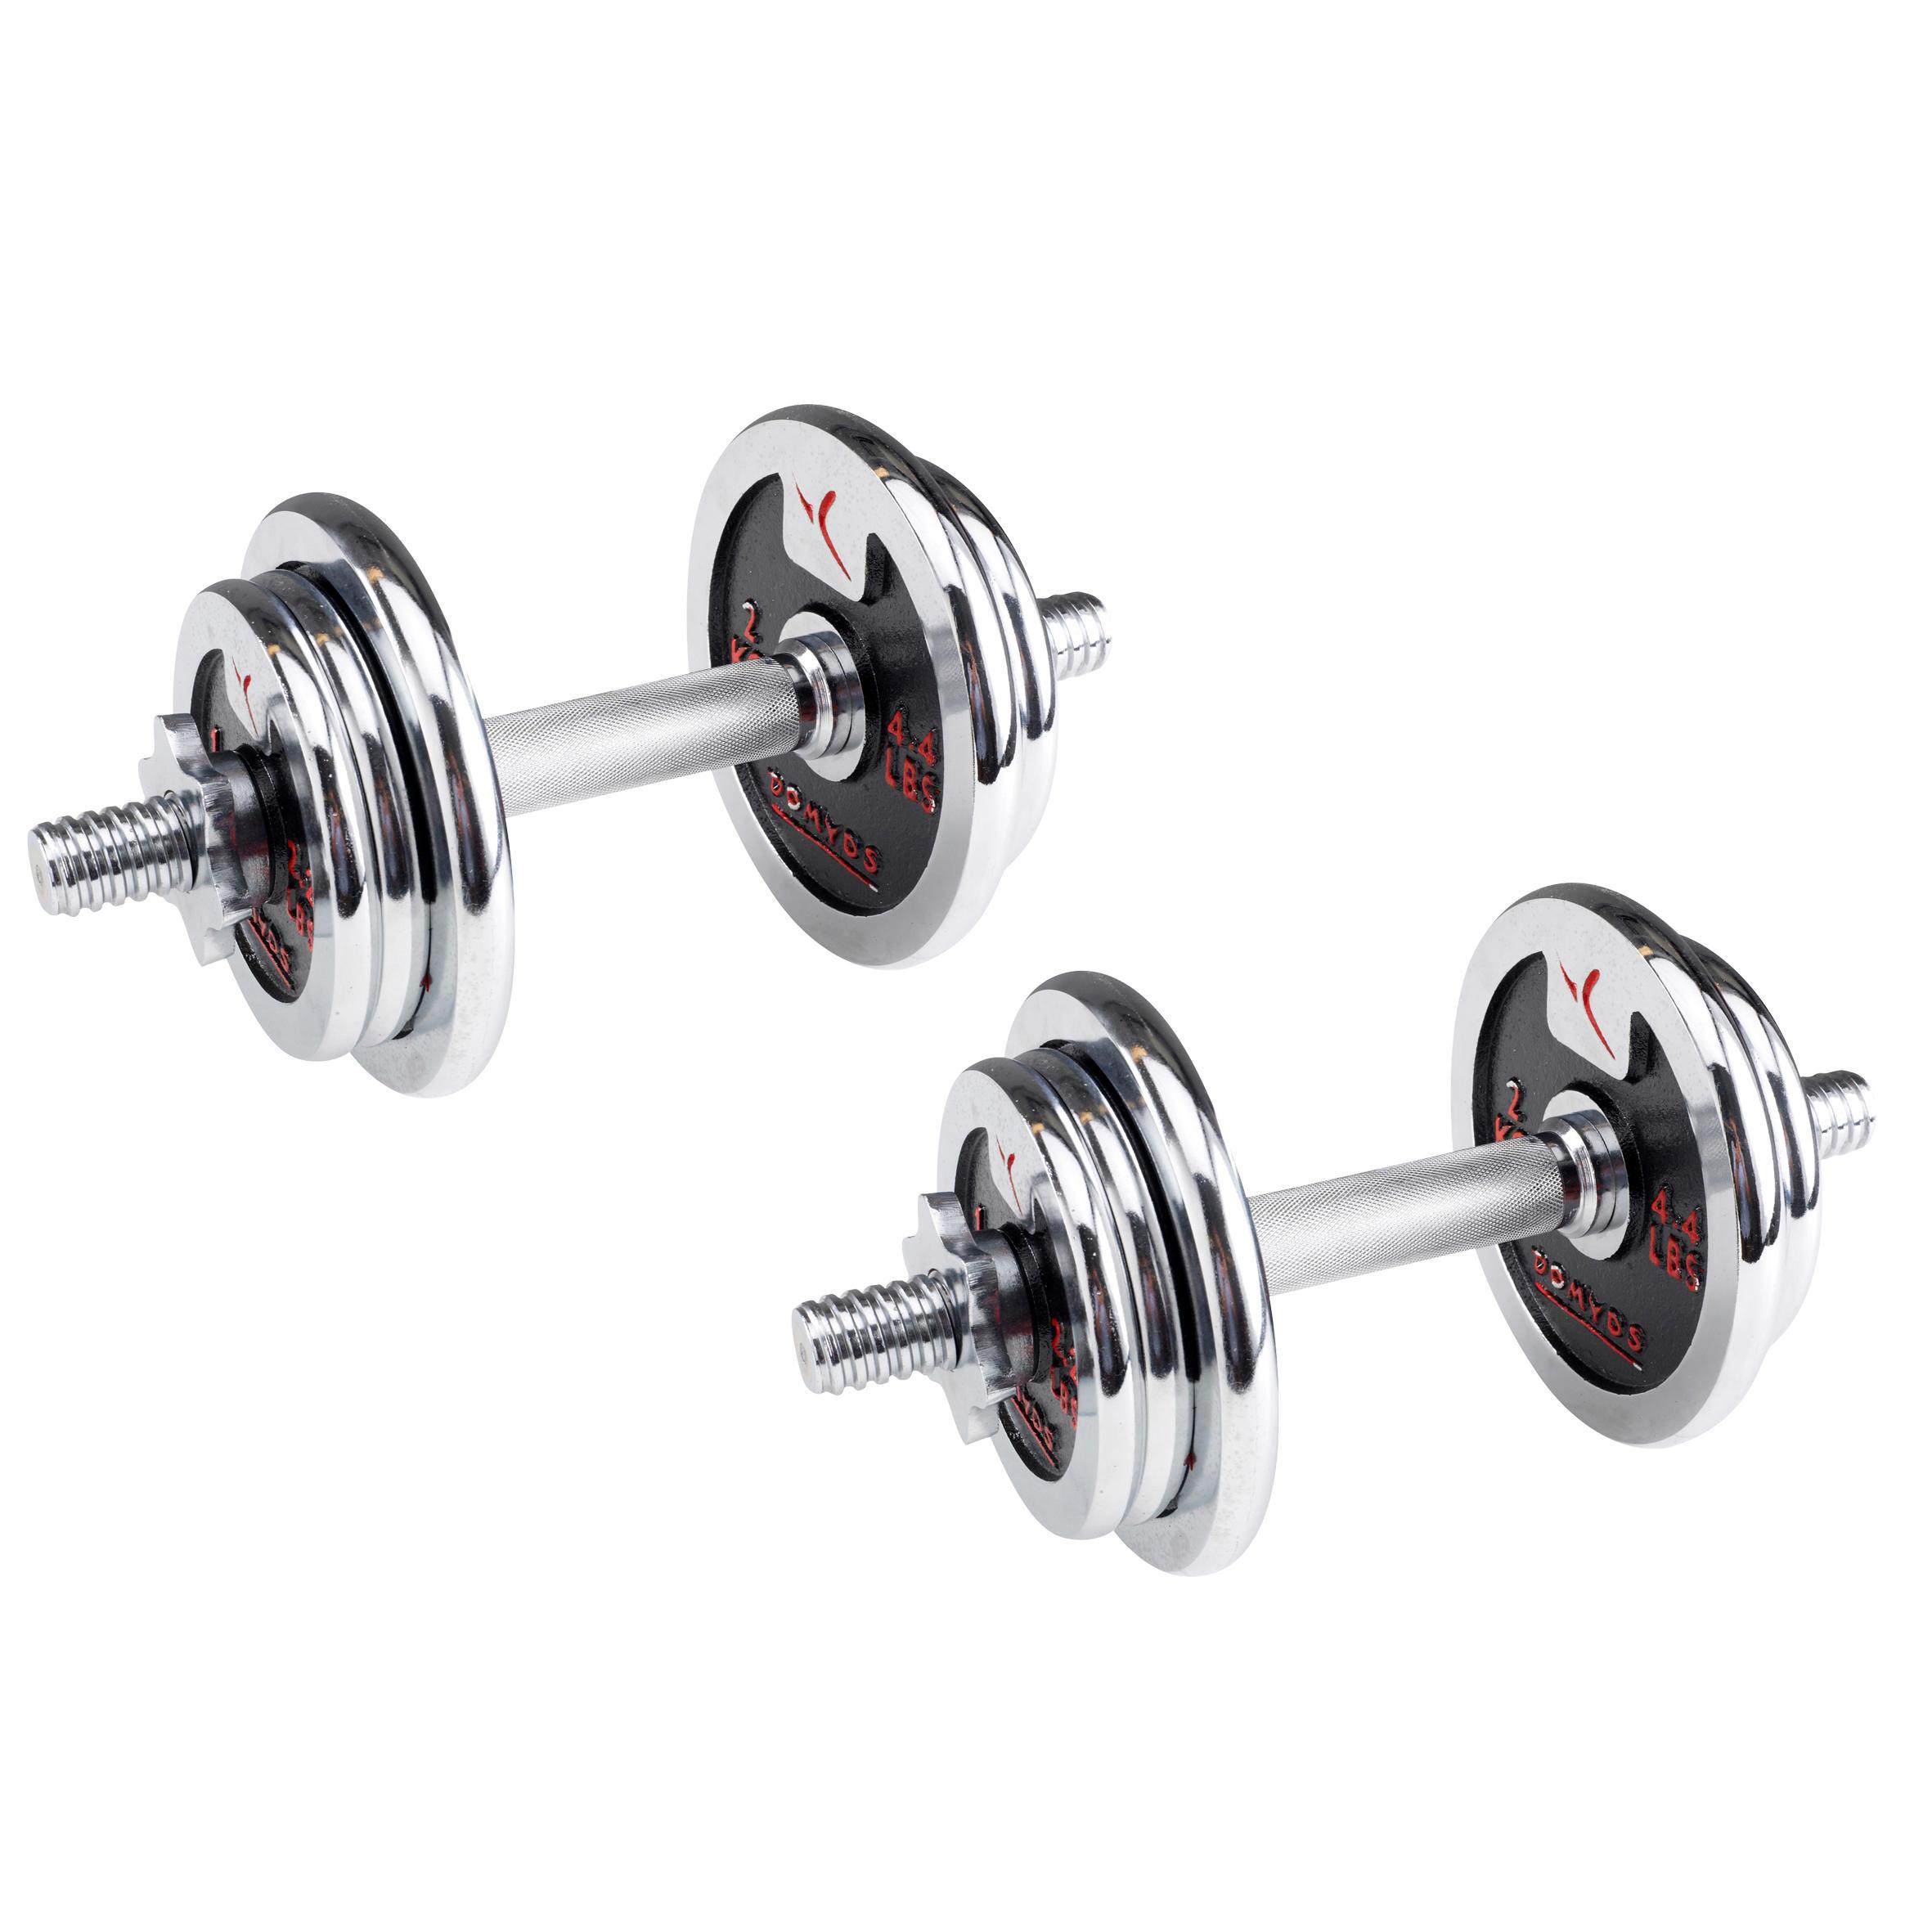 Dumbbell Set Decathlon: Dumbells Chrome Weight Training Dumbbell Kit 20kg